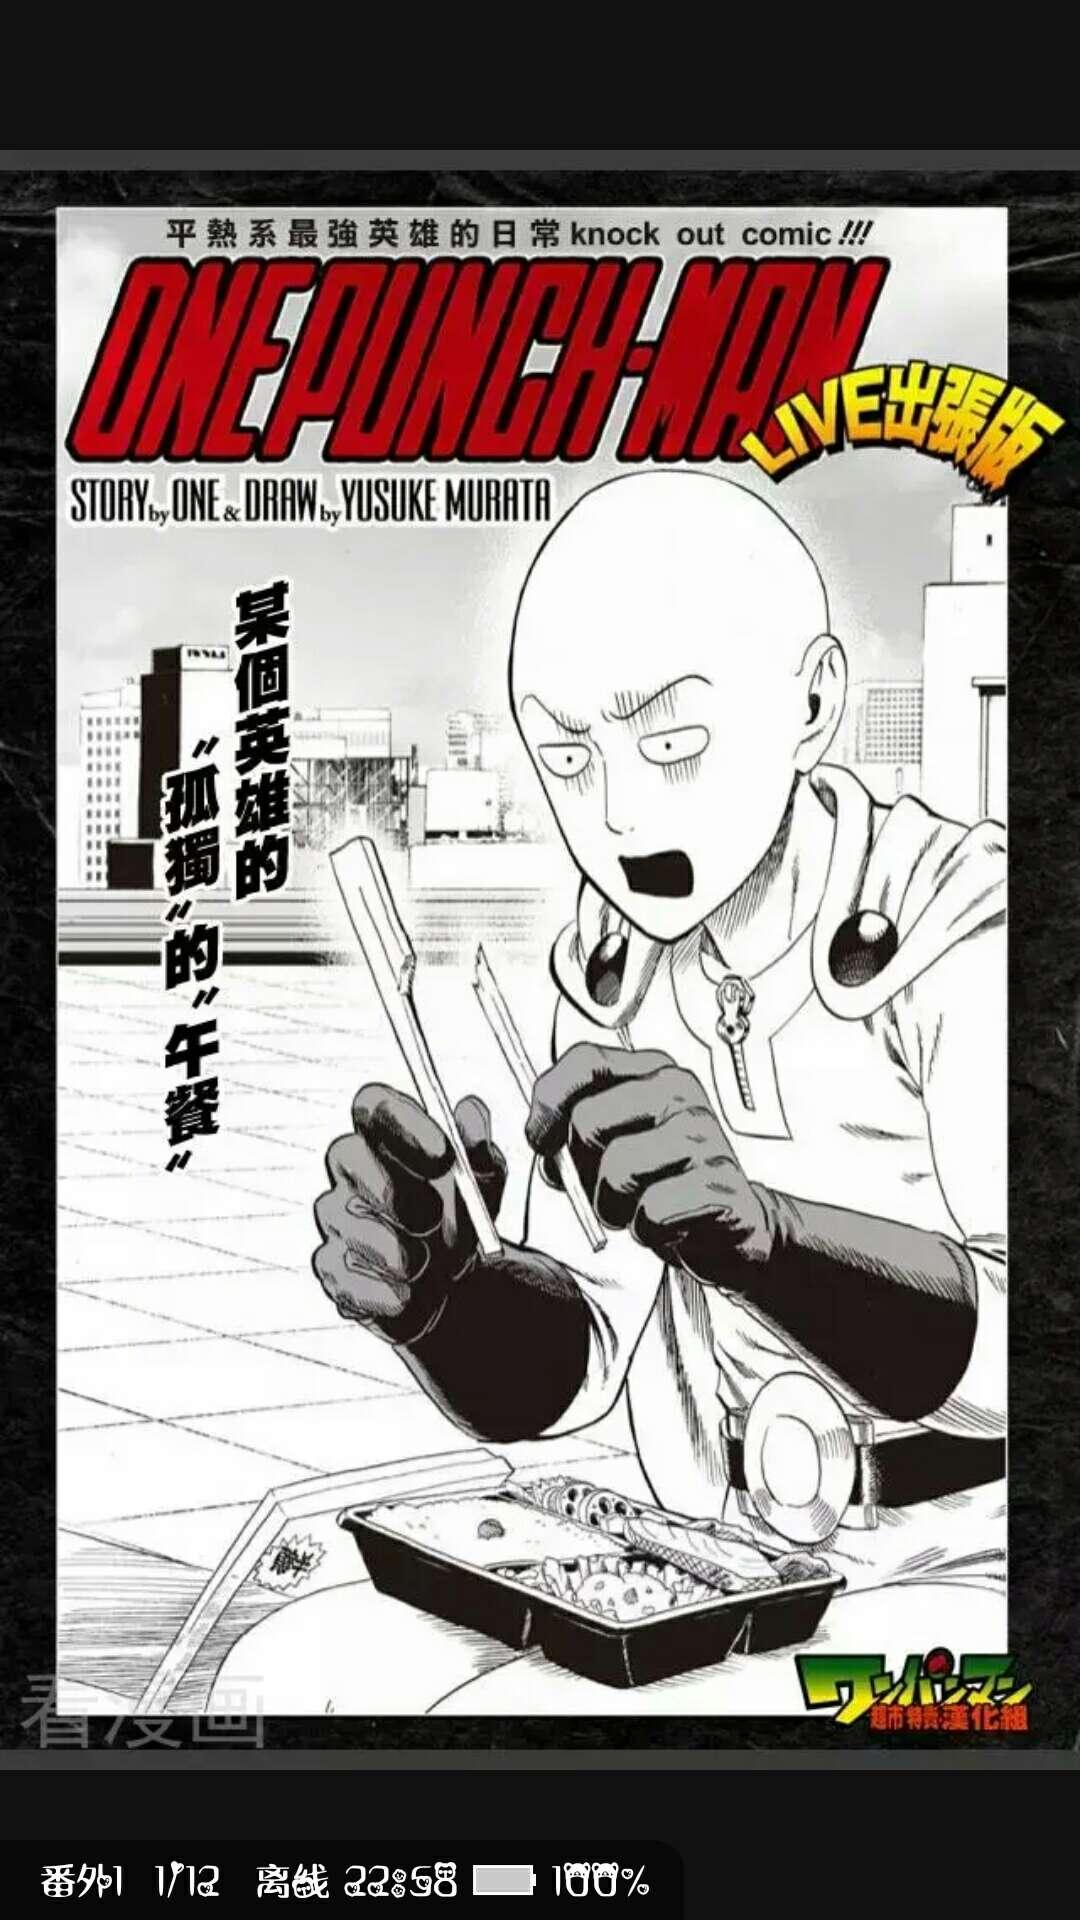 【漫画】《一拳超人》第1-2话,二次元黑化男生